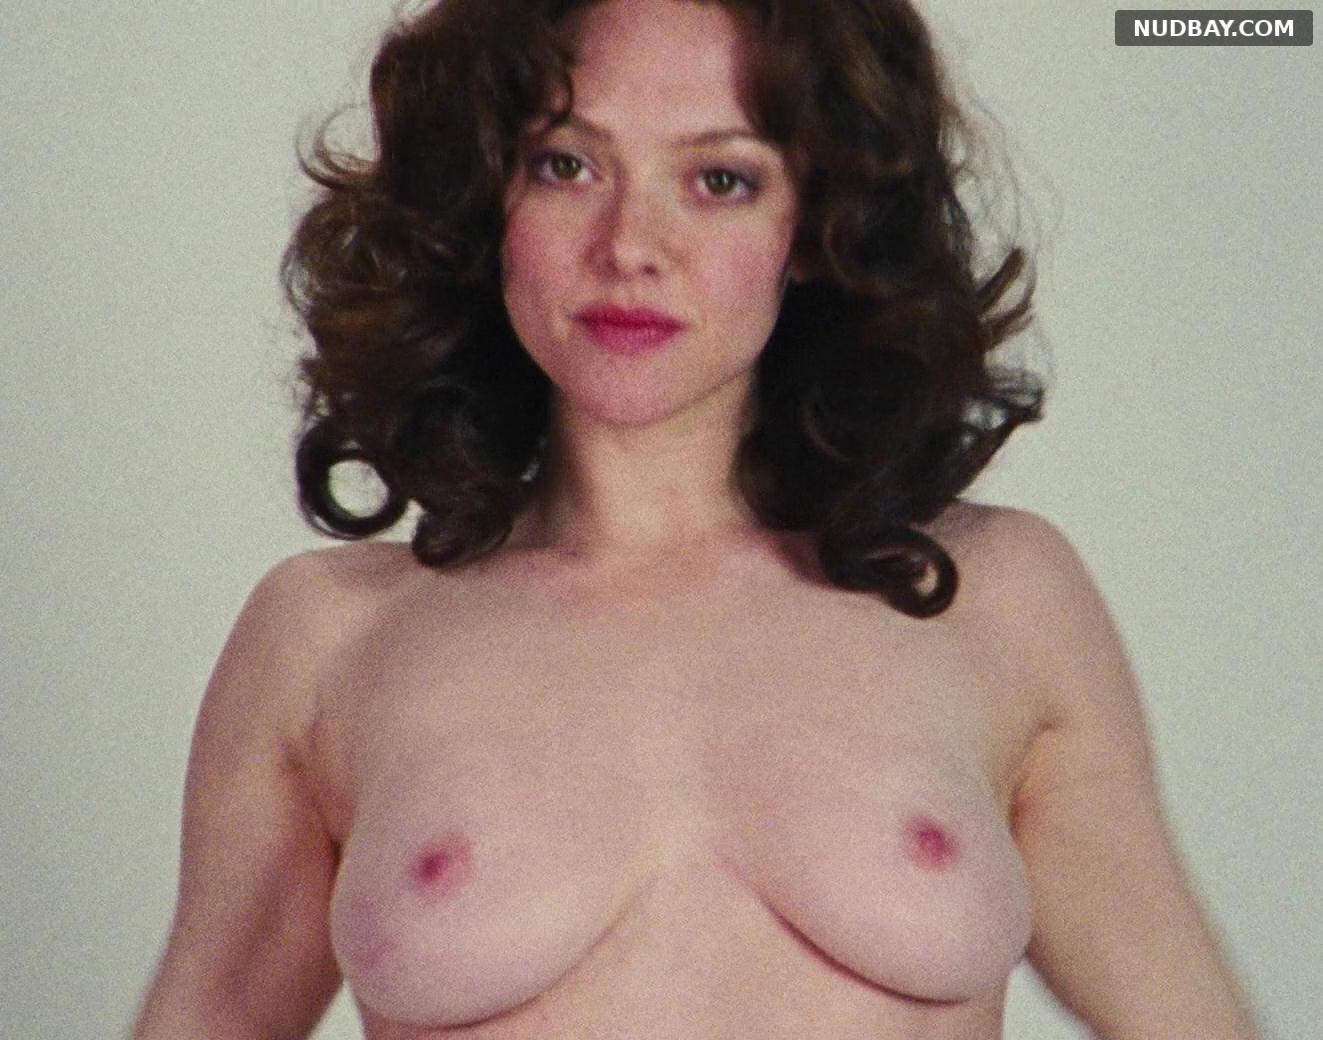 Amanda Seyfried Nude in the movie Lovelace